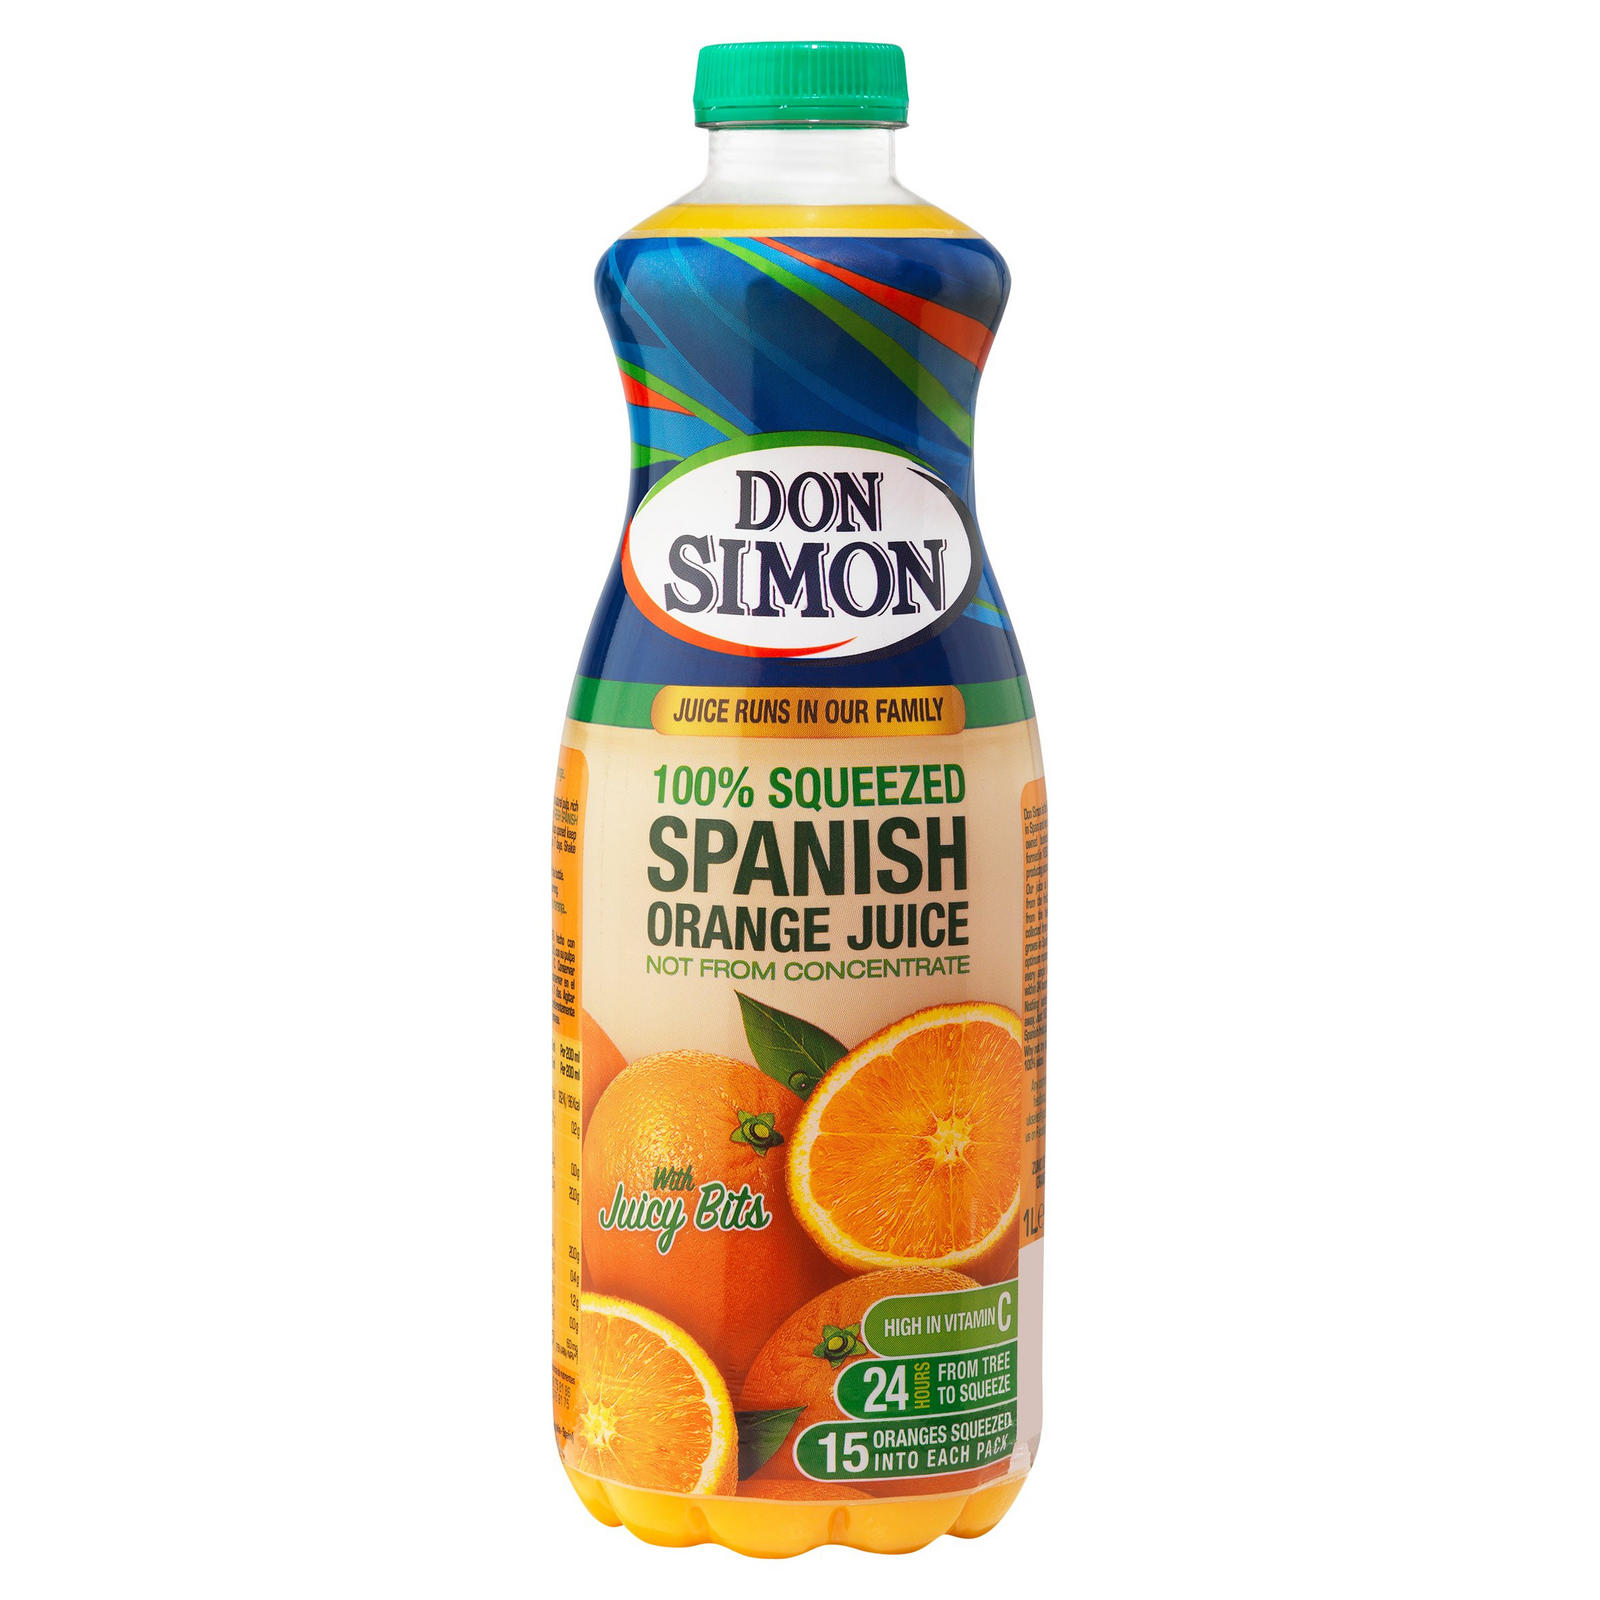 Do you have orange juice in spanish